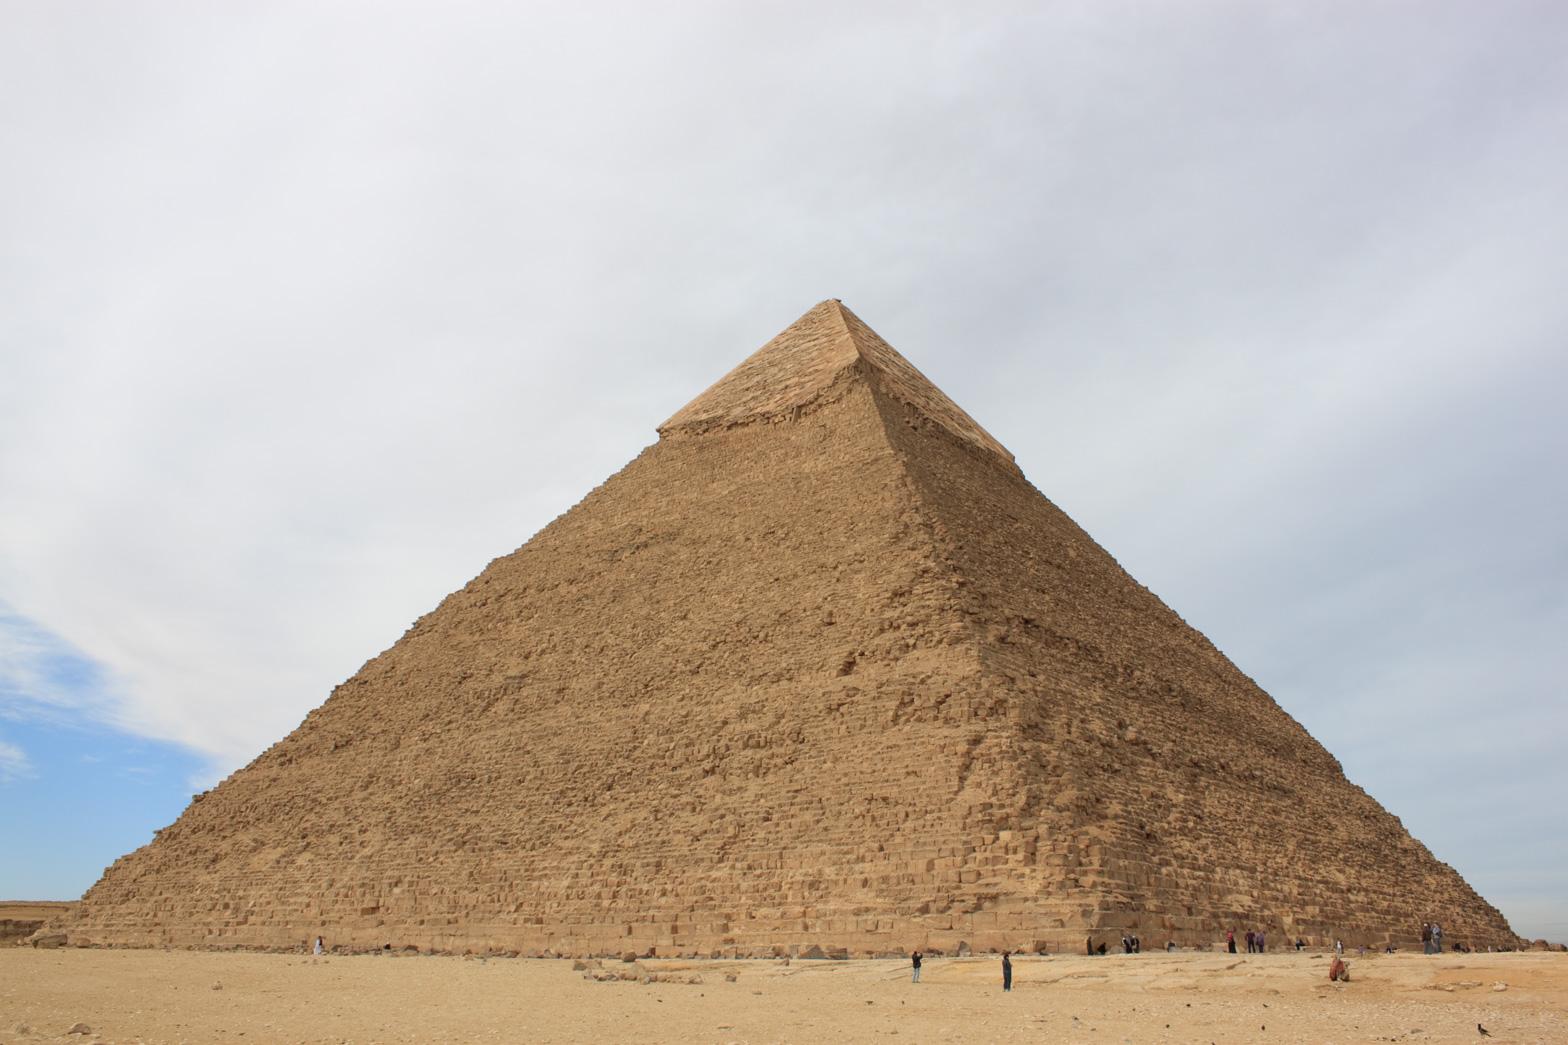 Teorie sulla costruzione delle piramidi egizie  Wikipedia